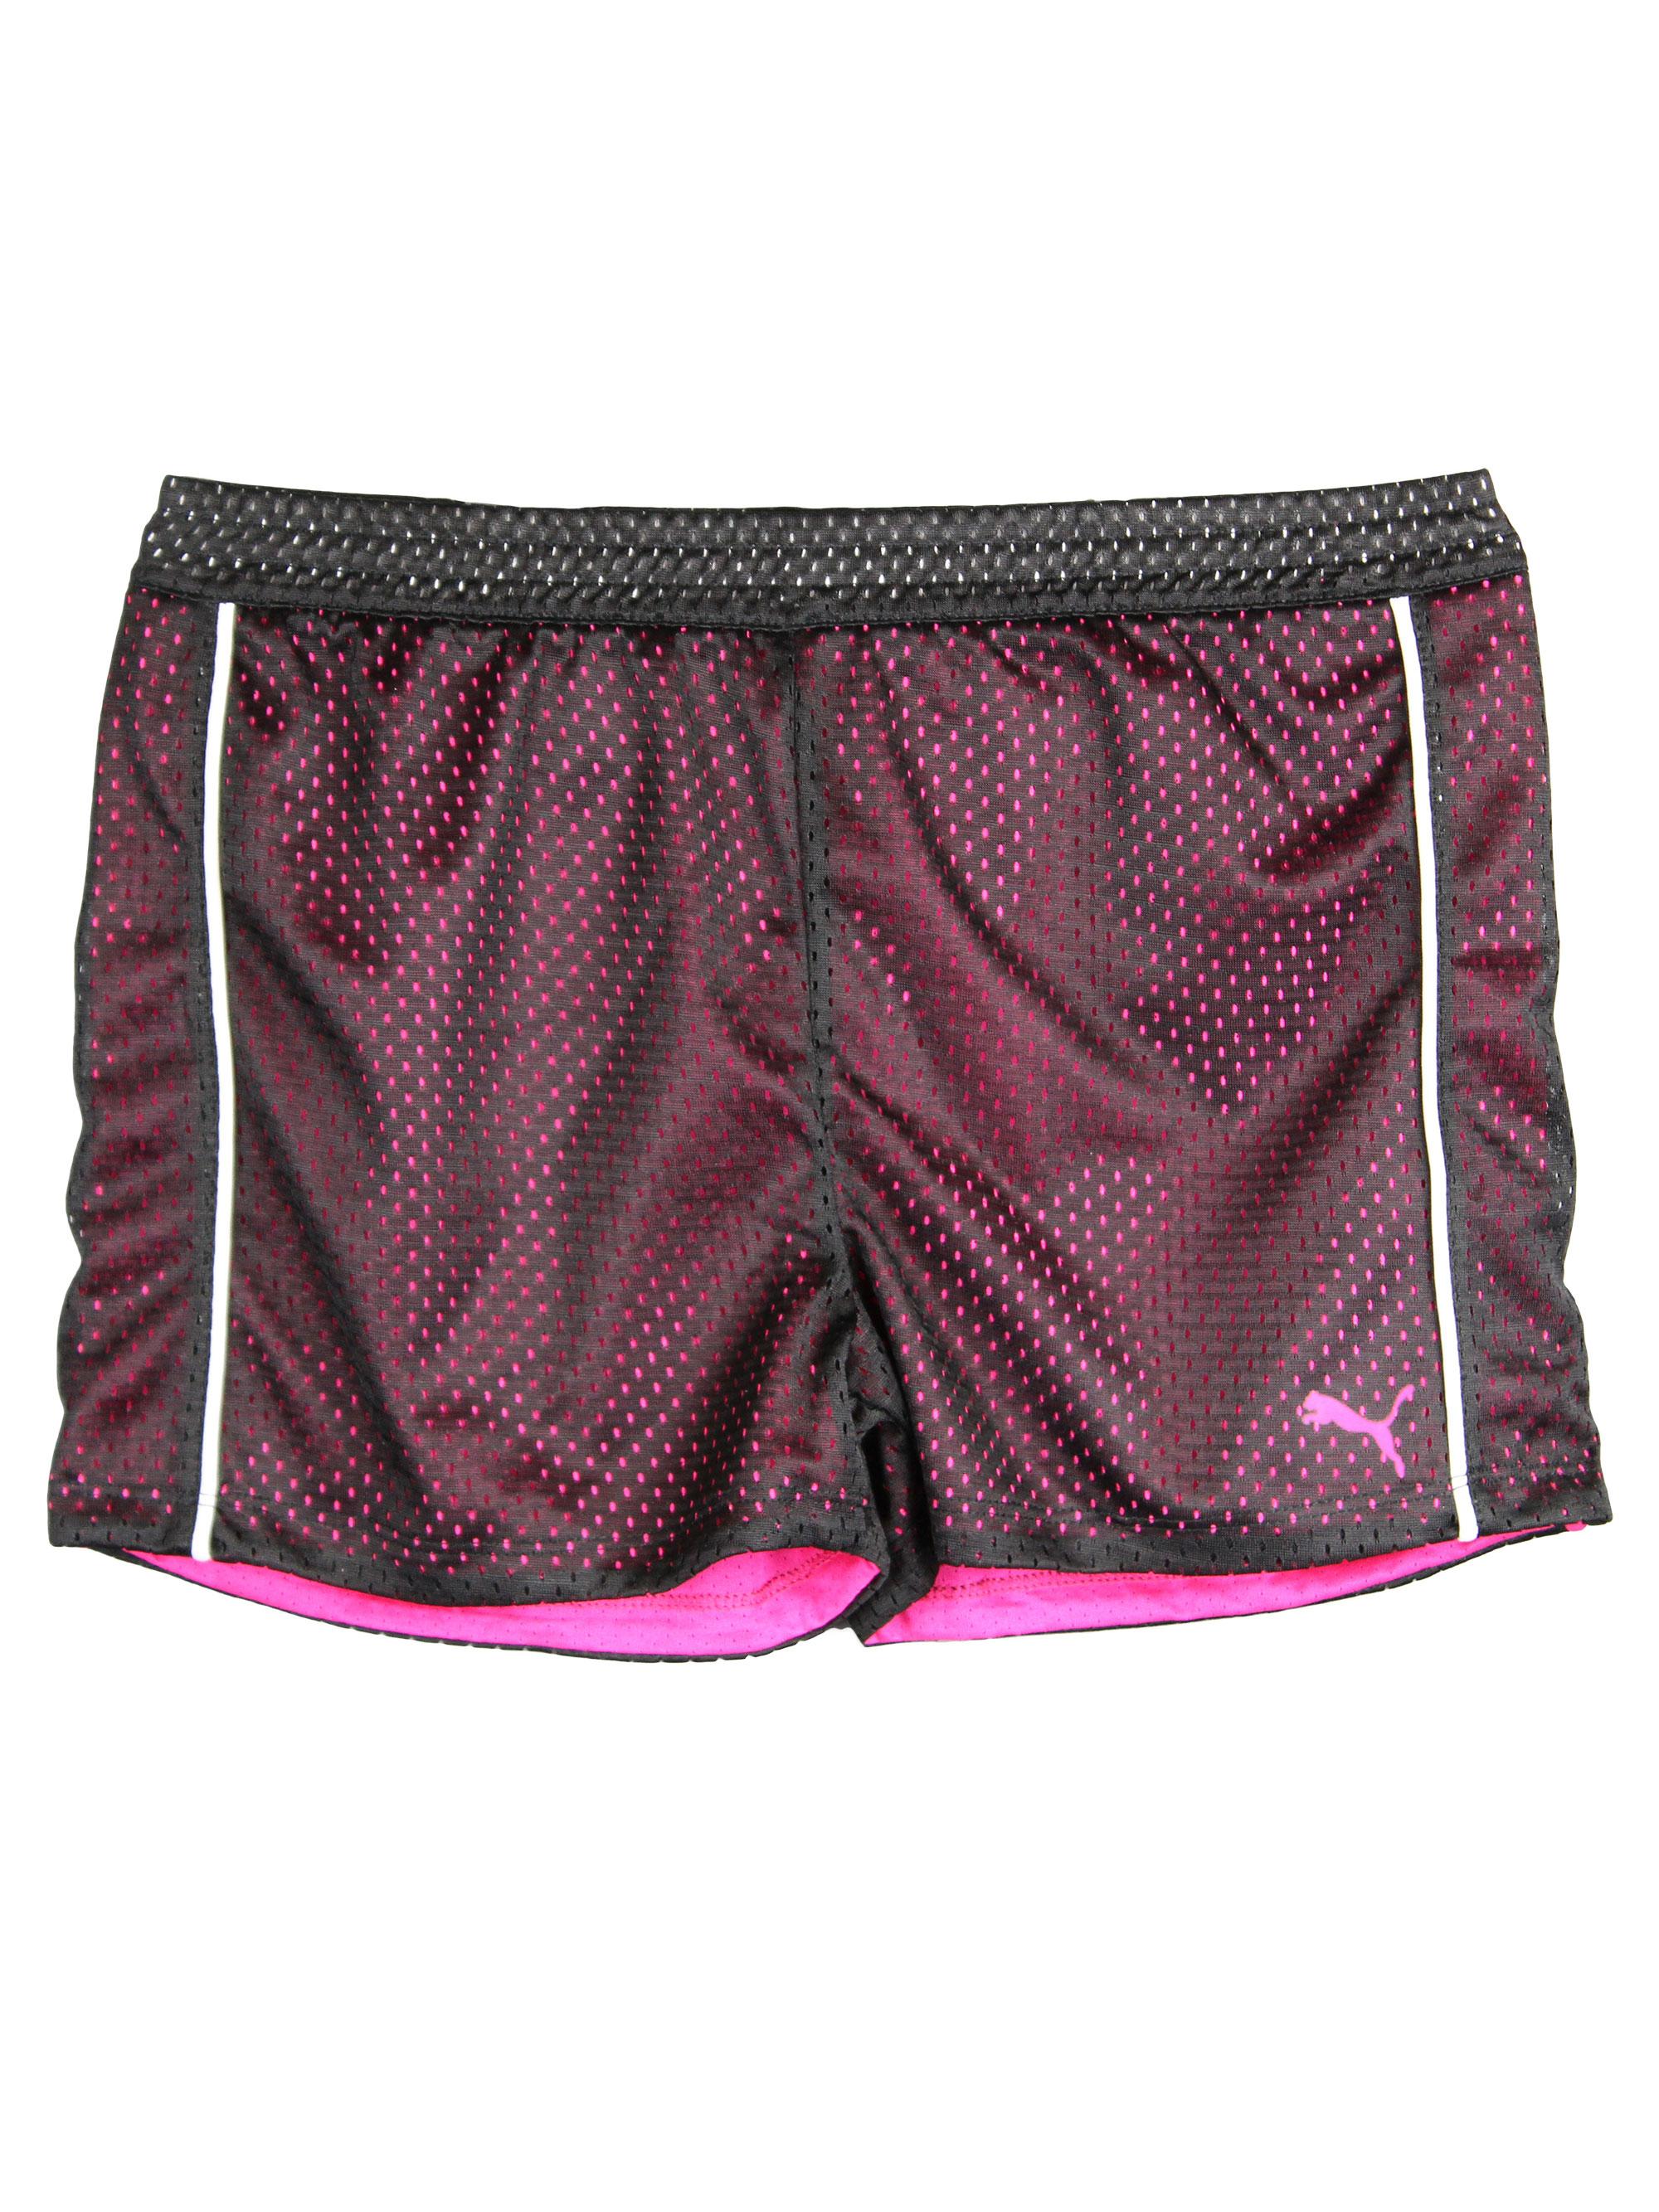 PUMA Big-Girls Mesh Athletic Exercise Gym Shorts Hot Pink Black White Large